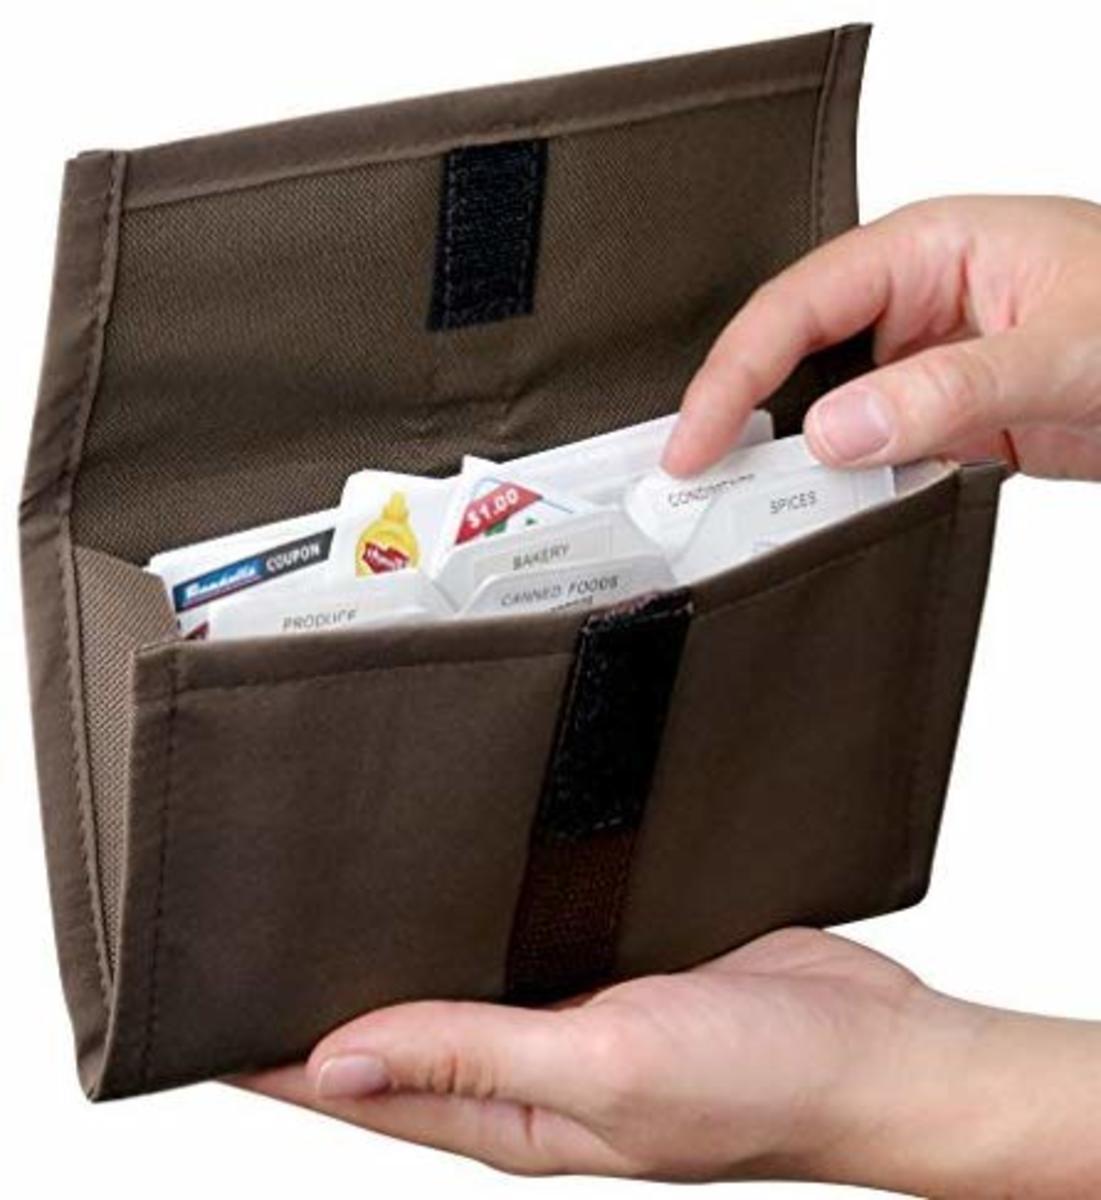 Evelots杂货券钱包为金钱提供了很大的价值。